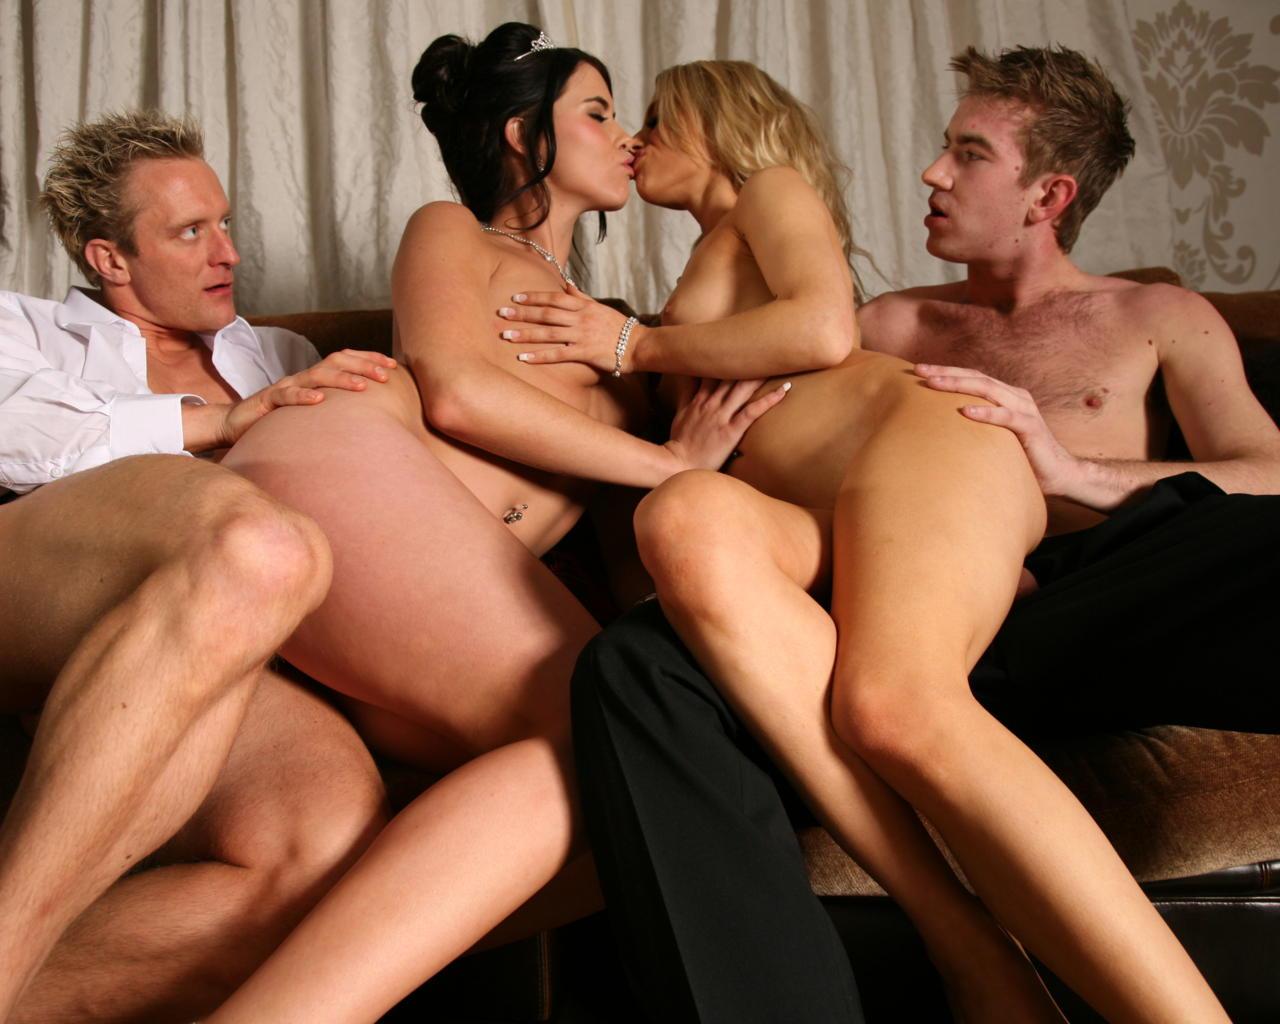 Royal sex pics porn pics